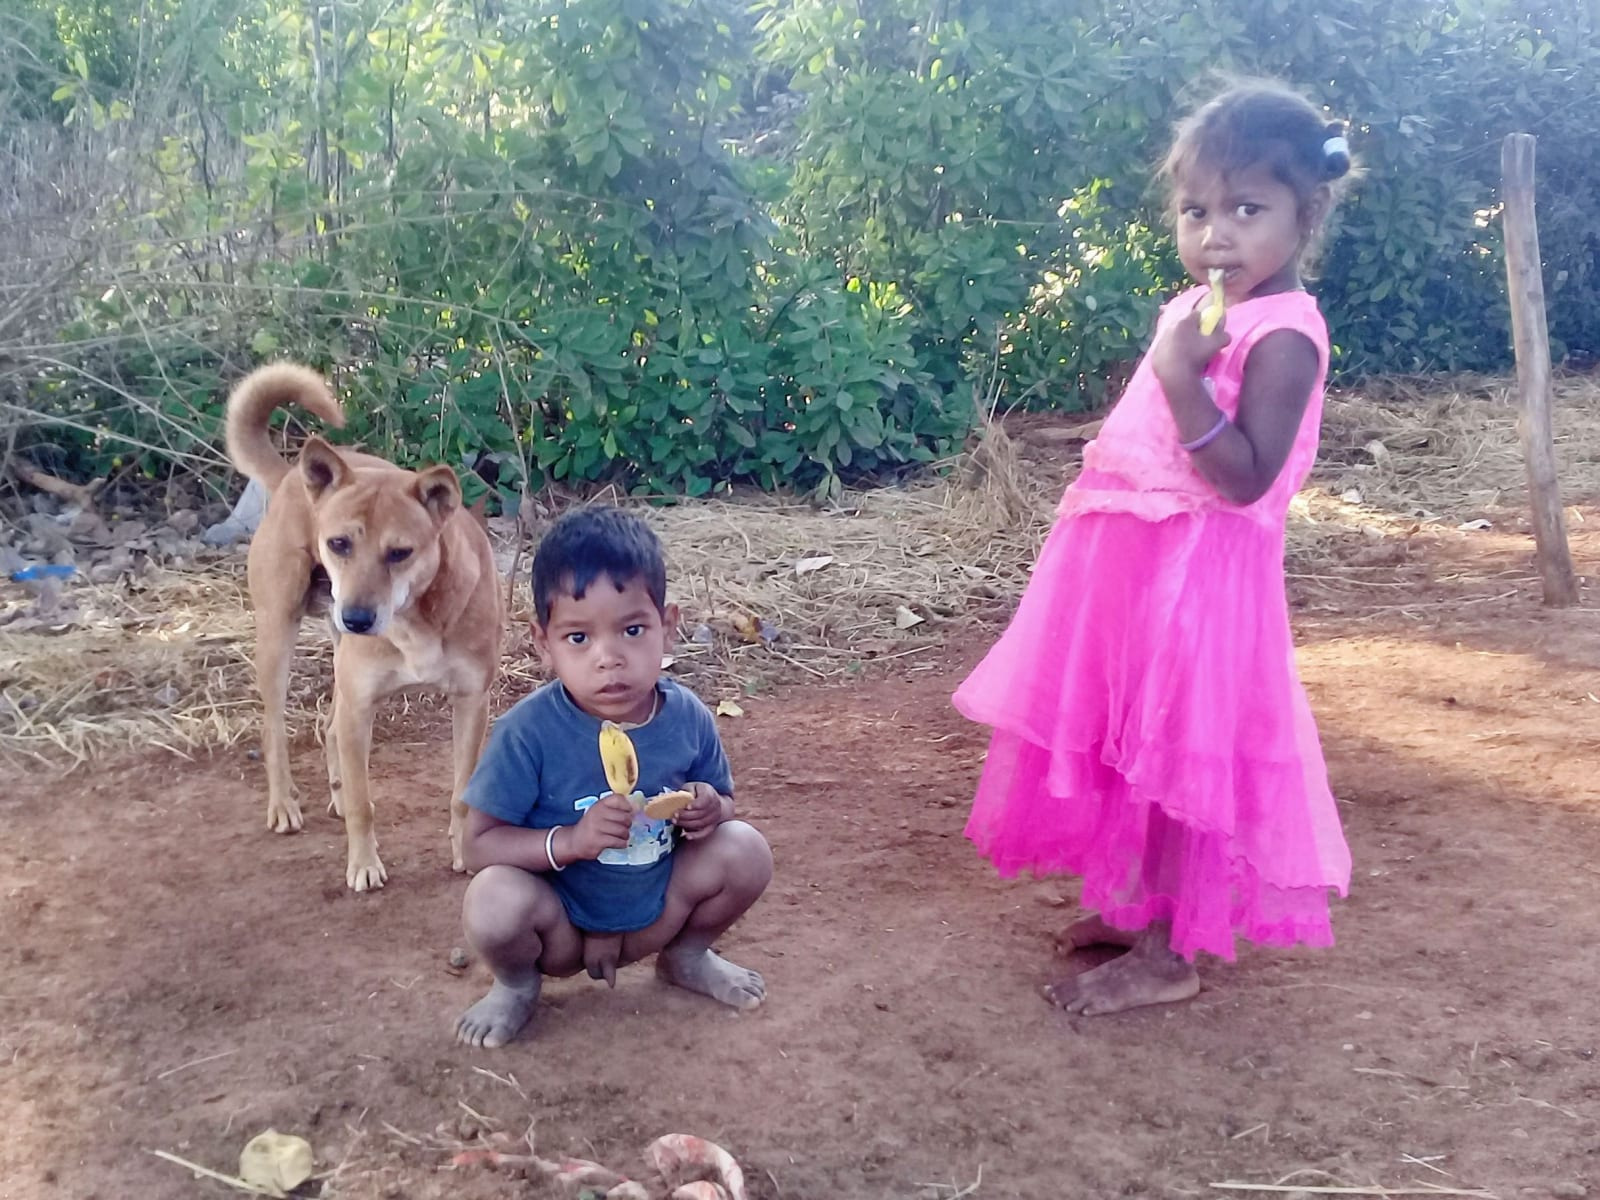 Tihle dva na mě takto zírali poté, co jsem se s nimi podělil o sušenky a každý z nich dostal banán. Musel jsem si prostě udělat fotku (vesnice v údolí Arakku, Indie)